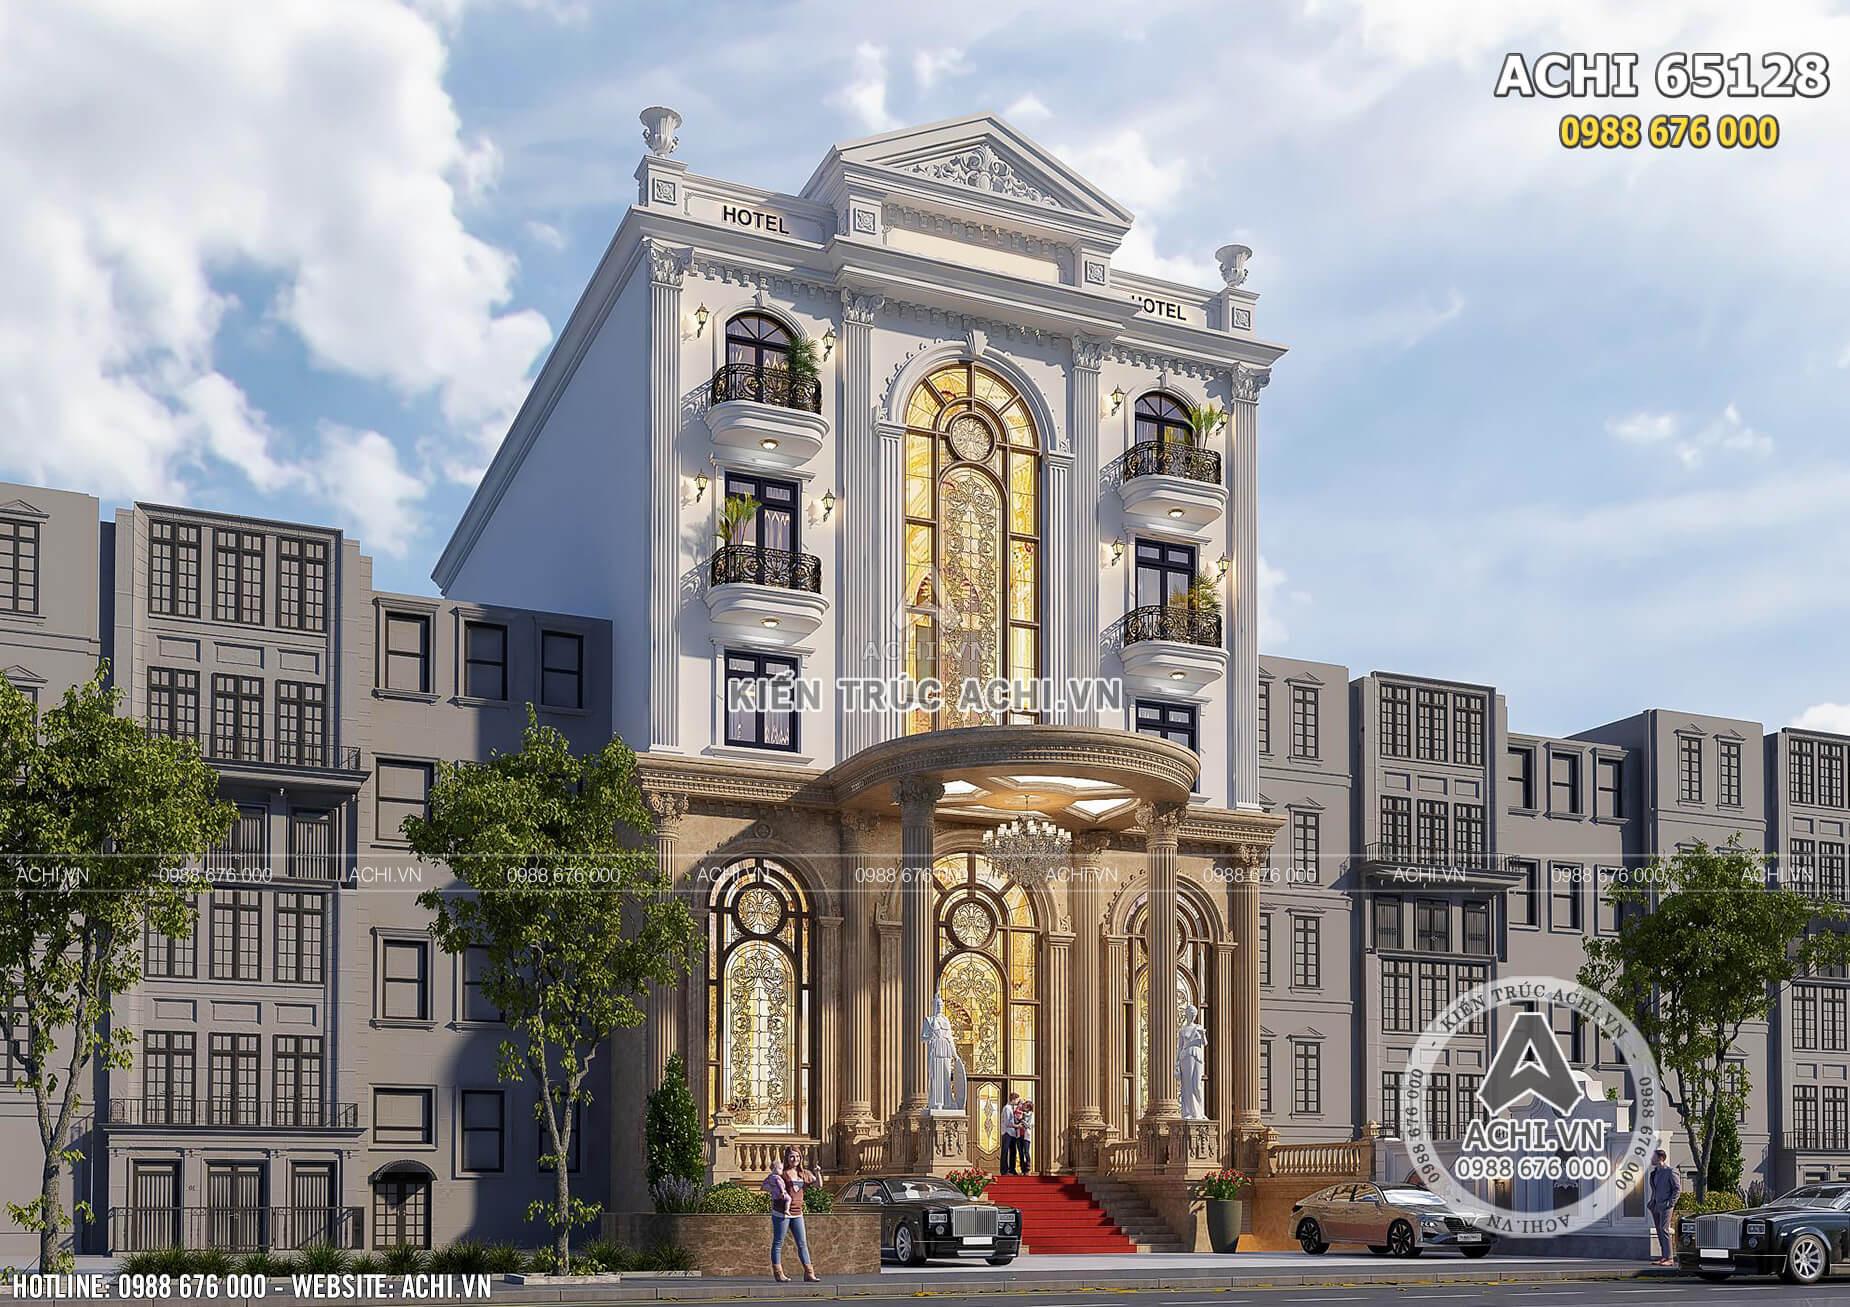 Mẫu thiết kế tòa nhà cao tầng để ở và kinh doanh mặt tiền 12m - ACHI 65128